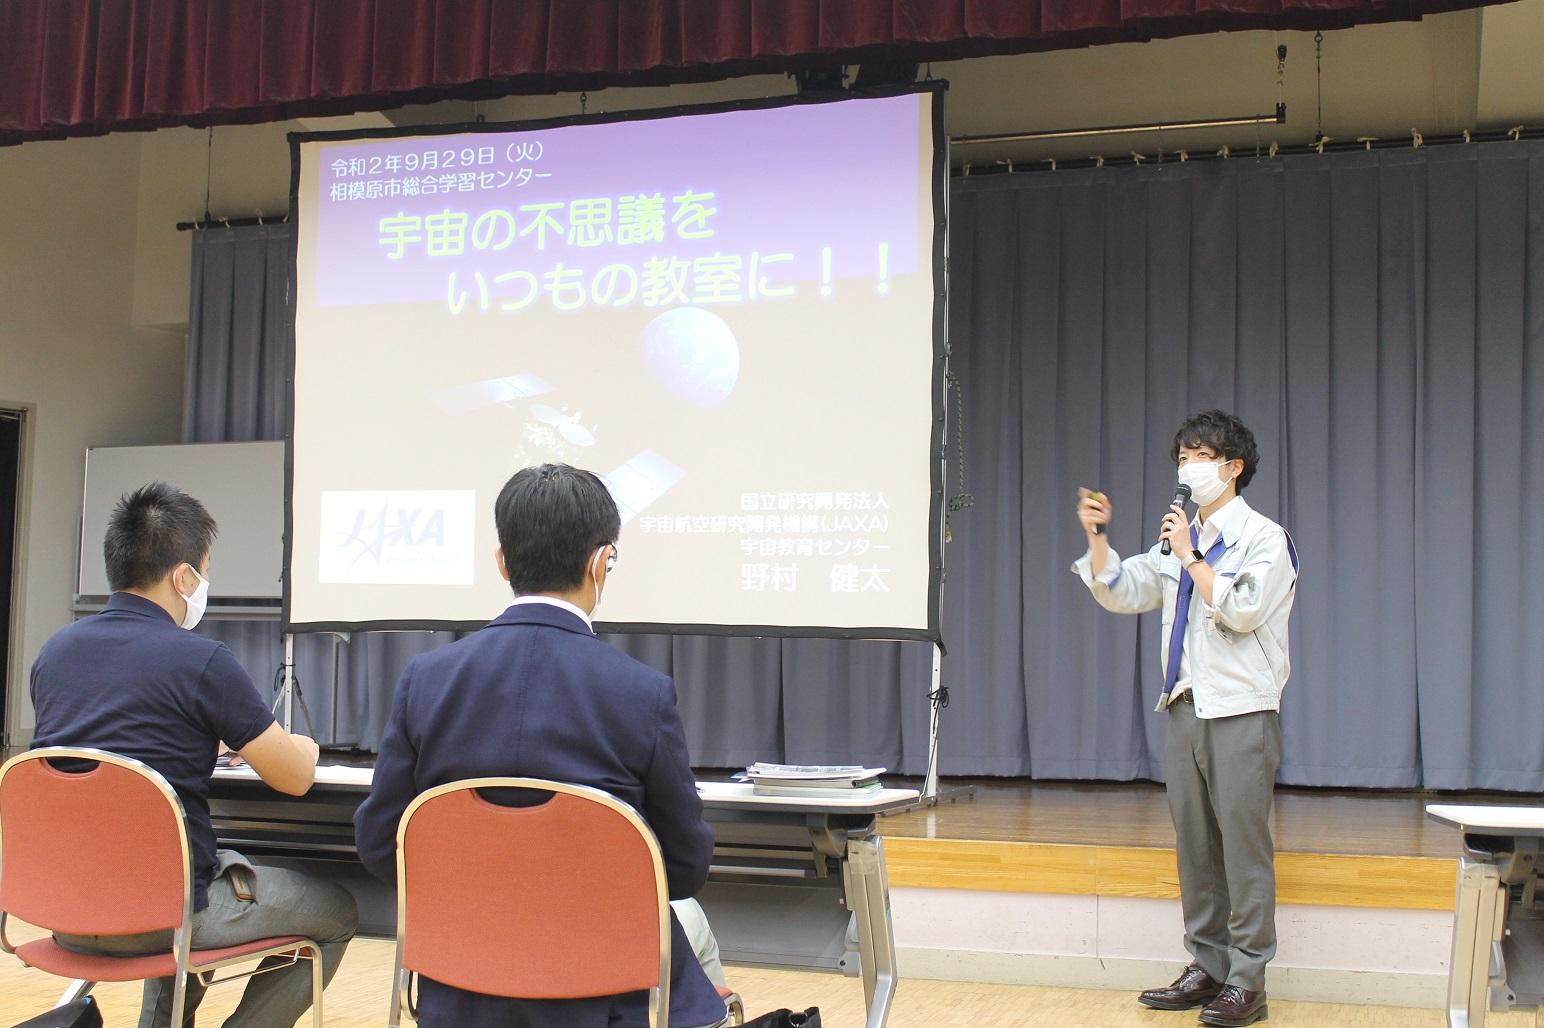 宇宙を題材に授業づくりを学ぶ教員研修相模原市教育委員会 × JAXA宇宙教育センター